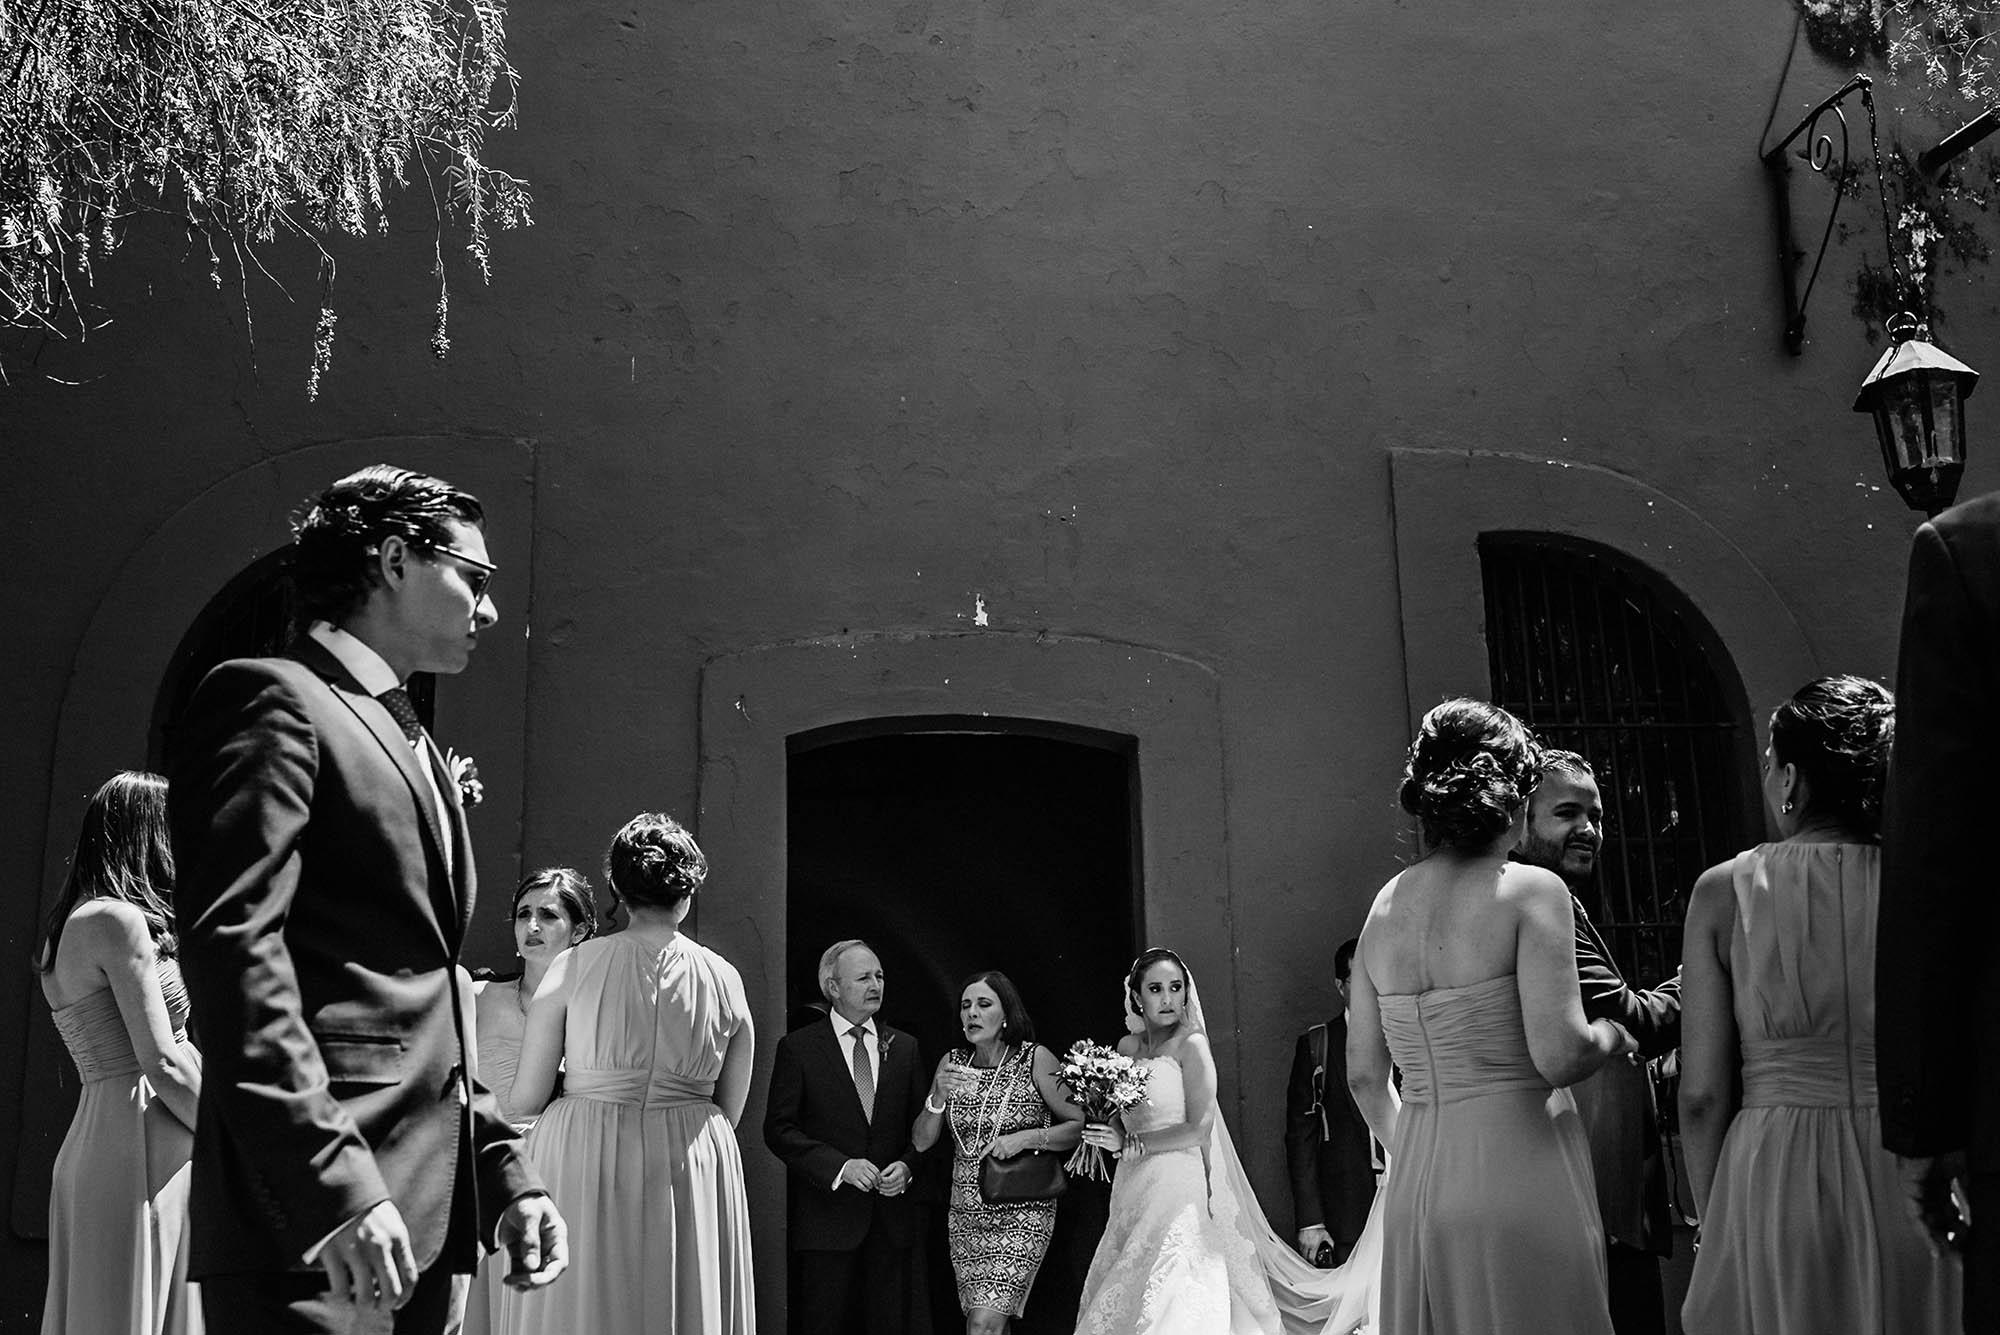 fotografo_de_bodas_queretaro_hacienda_casa_del_molino_16.jpg